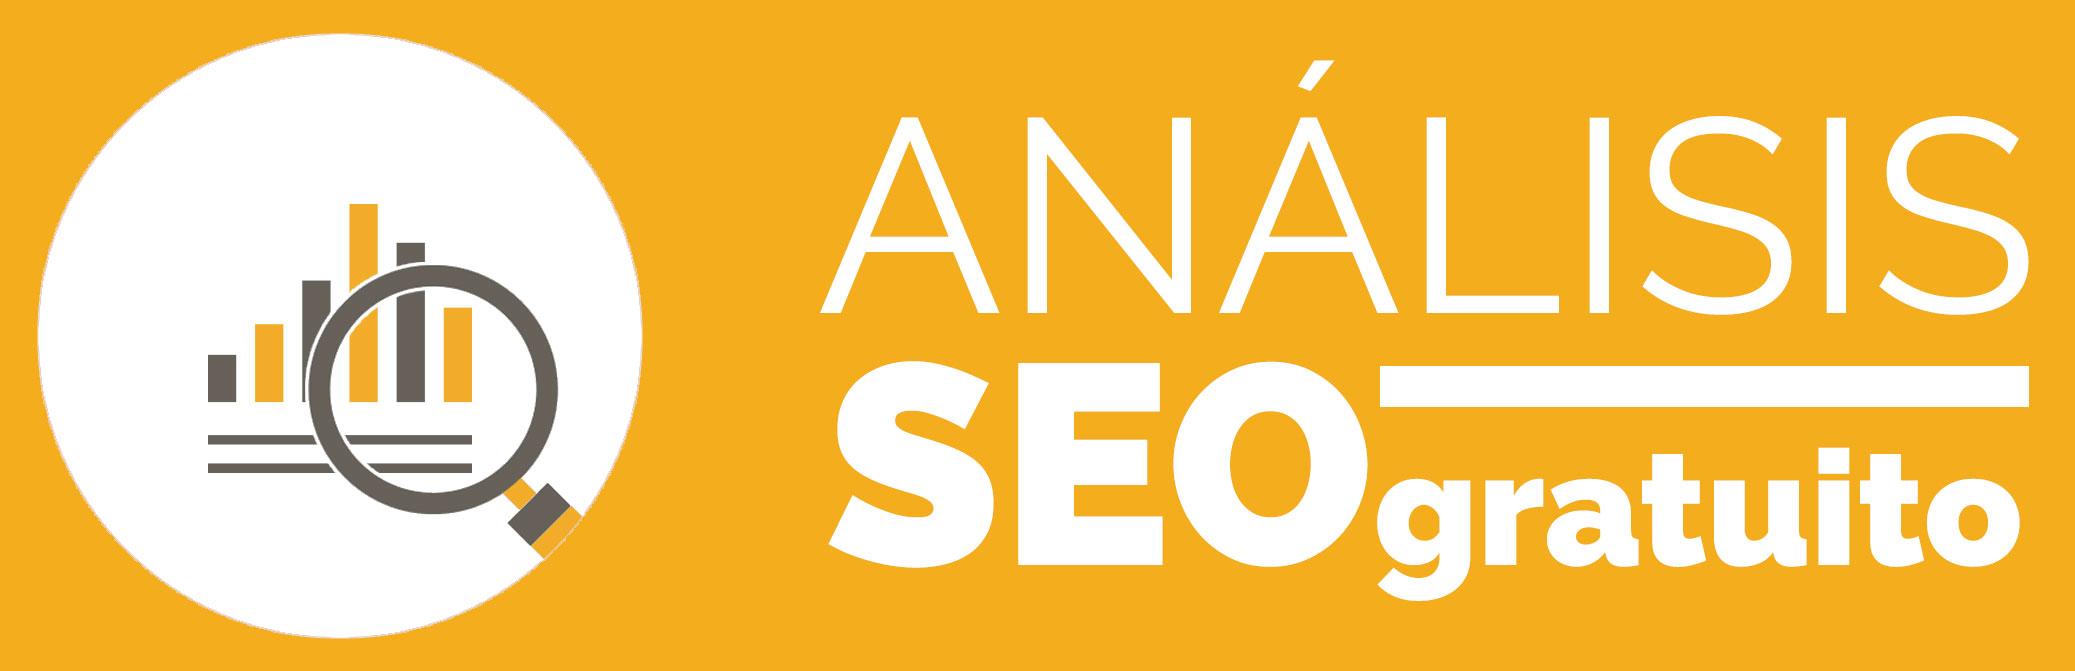 Analítica SEO gratis - Iberzal